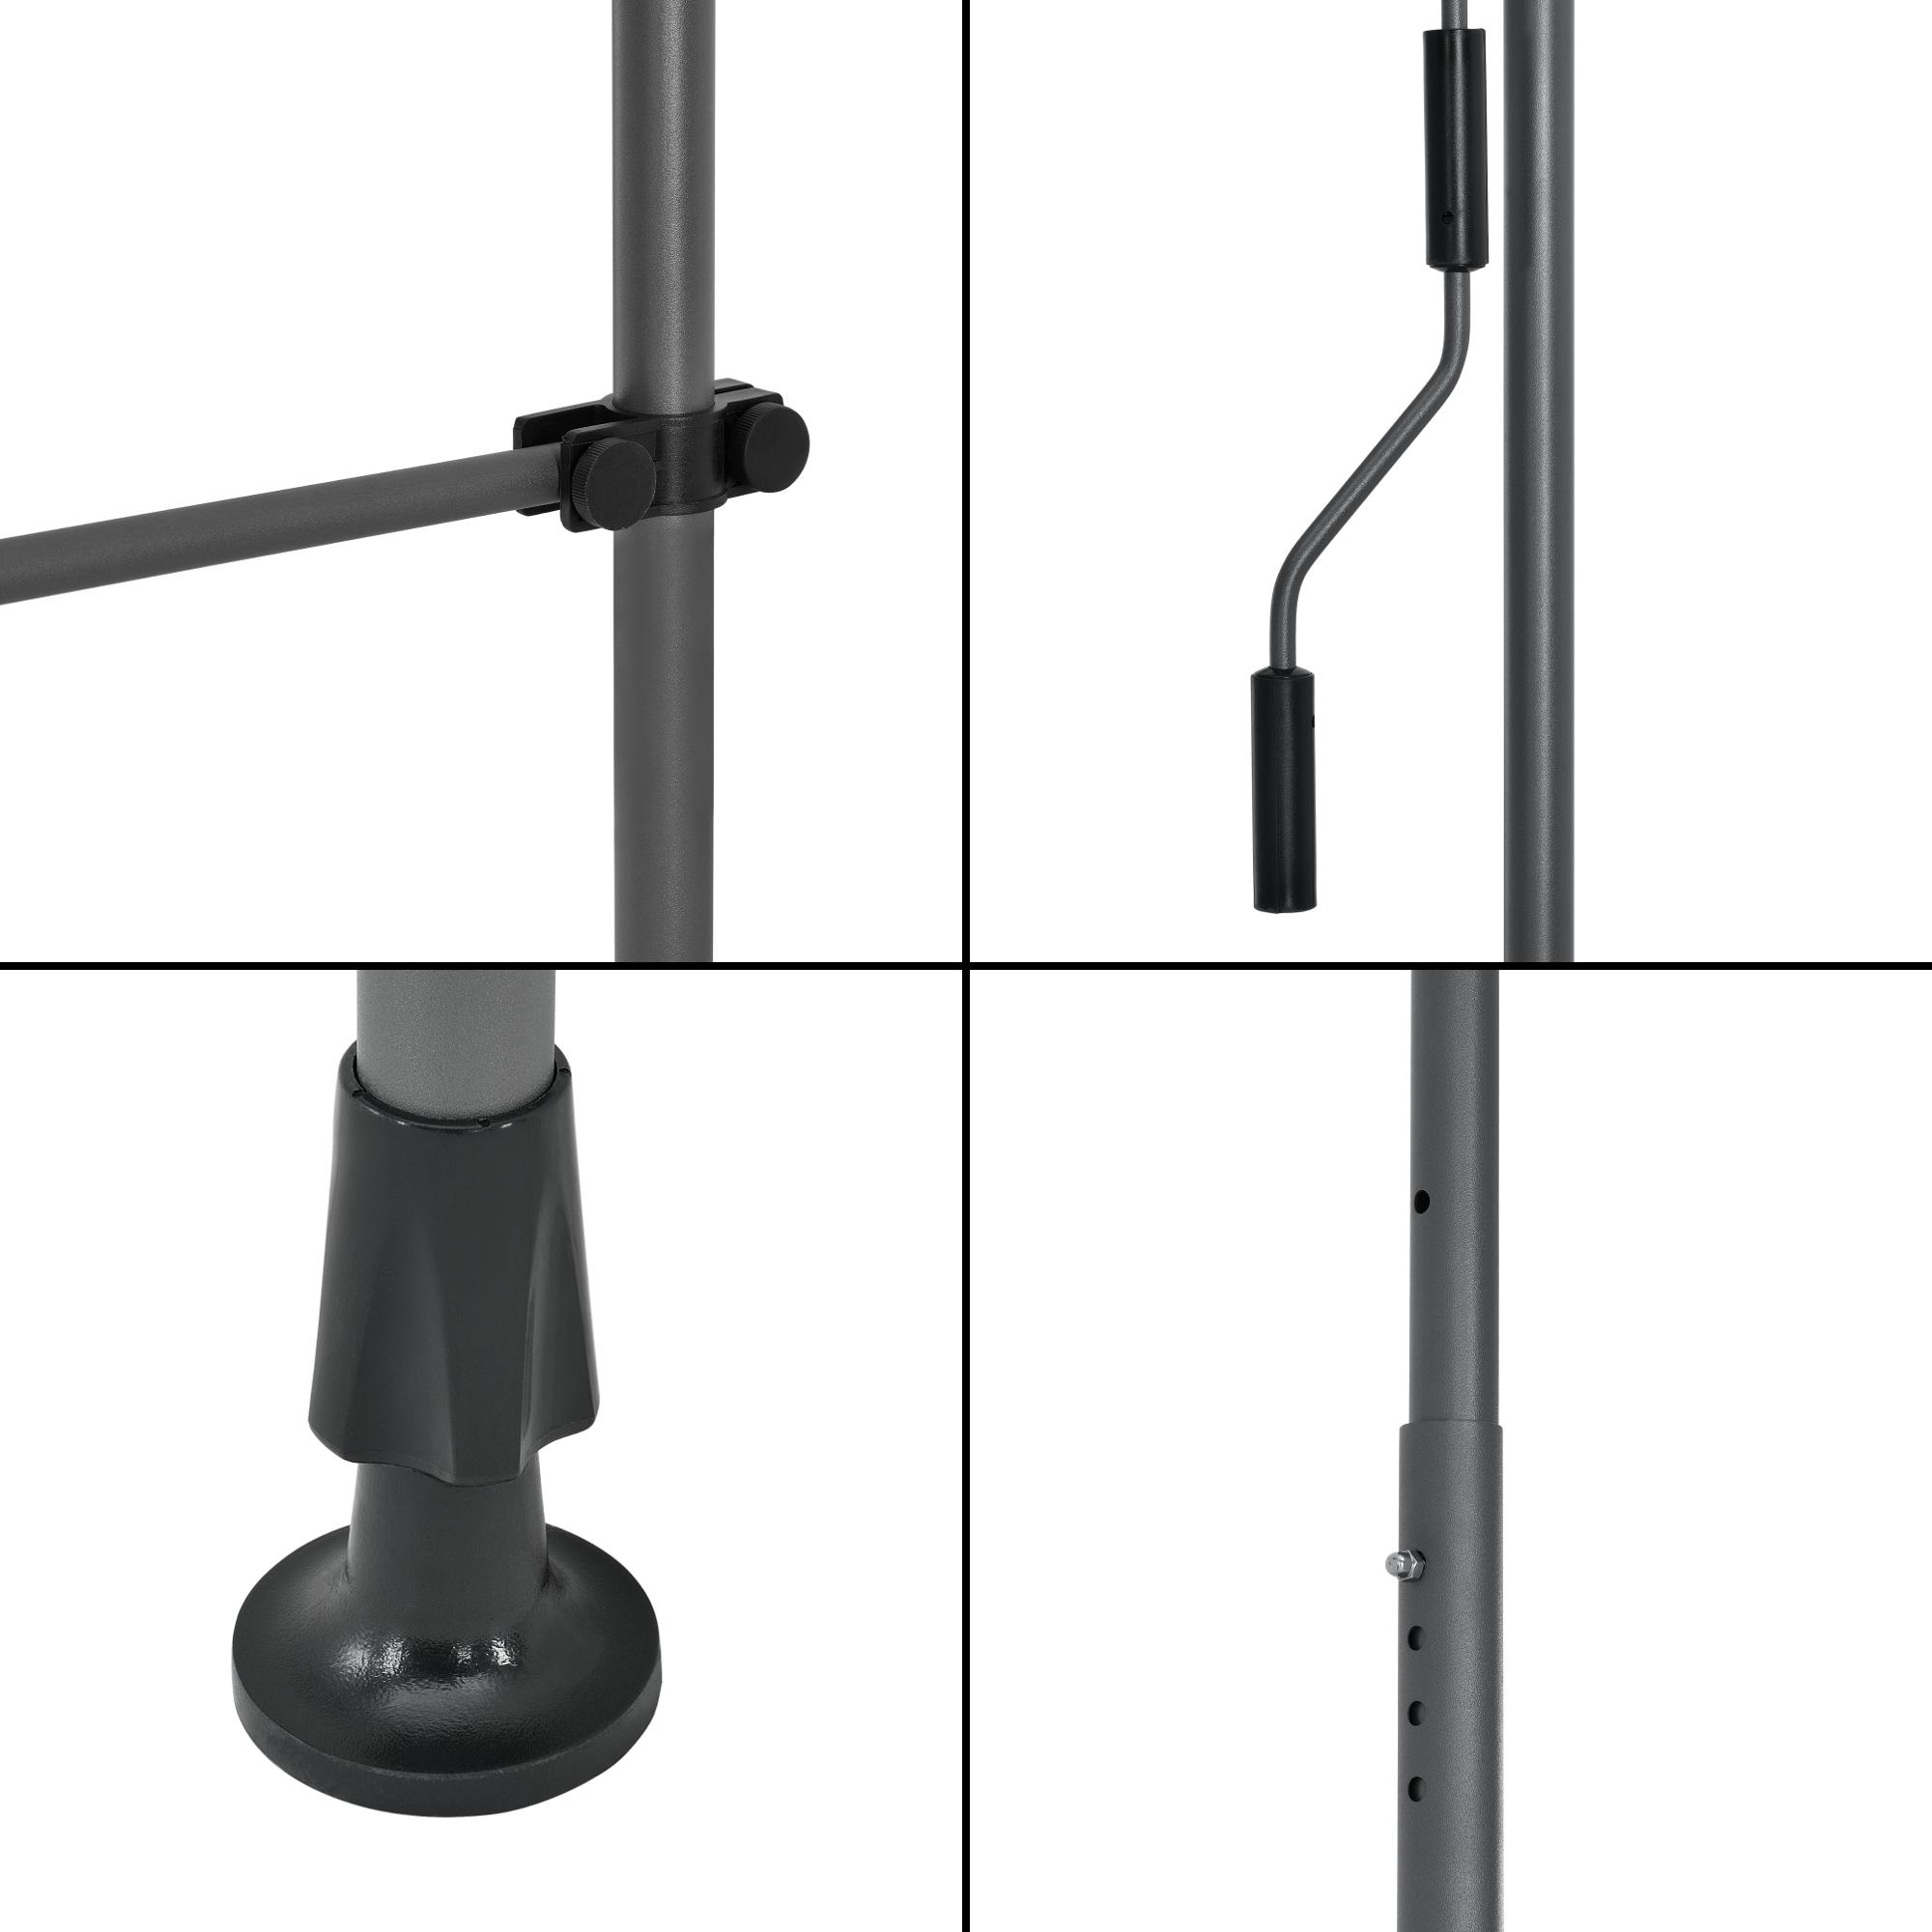 klemmmarkise 200 300cm markise balkonmarkise sonnenschutz ohne bohren ebay. Black Bedroom Furniture Sets. Home Design Ideas